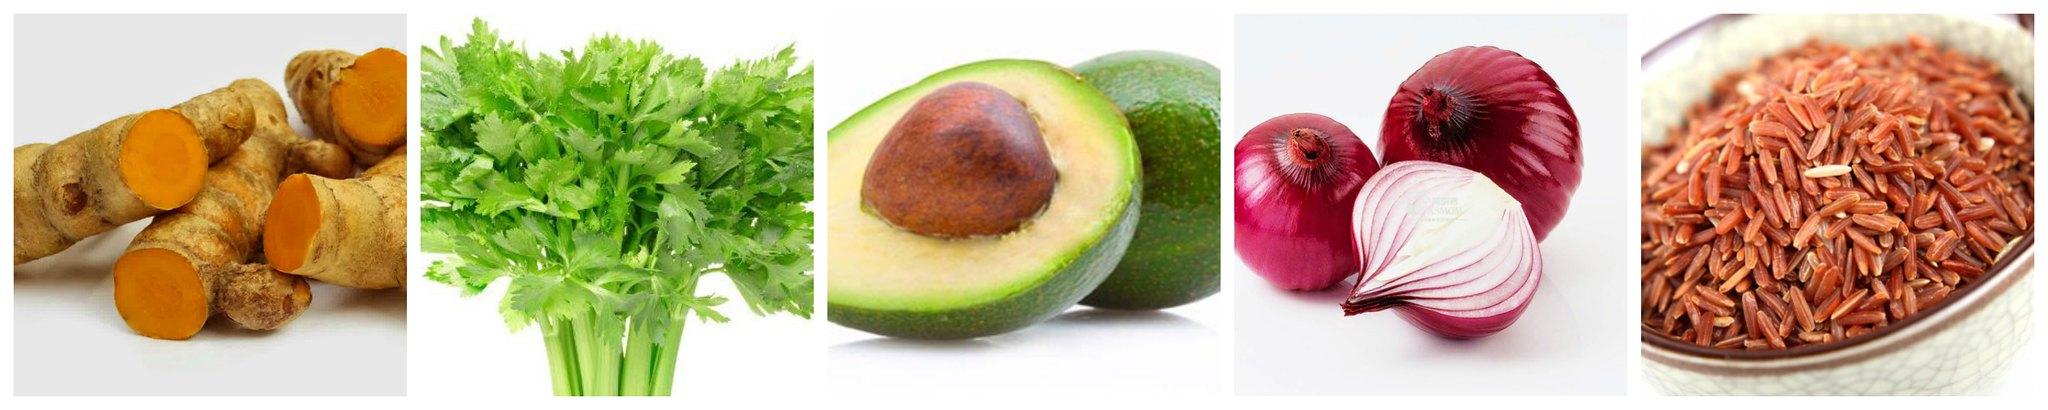 Tanaman Obat Untuk Menurunkan Trigliserida Dan Kolesterol